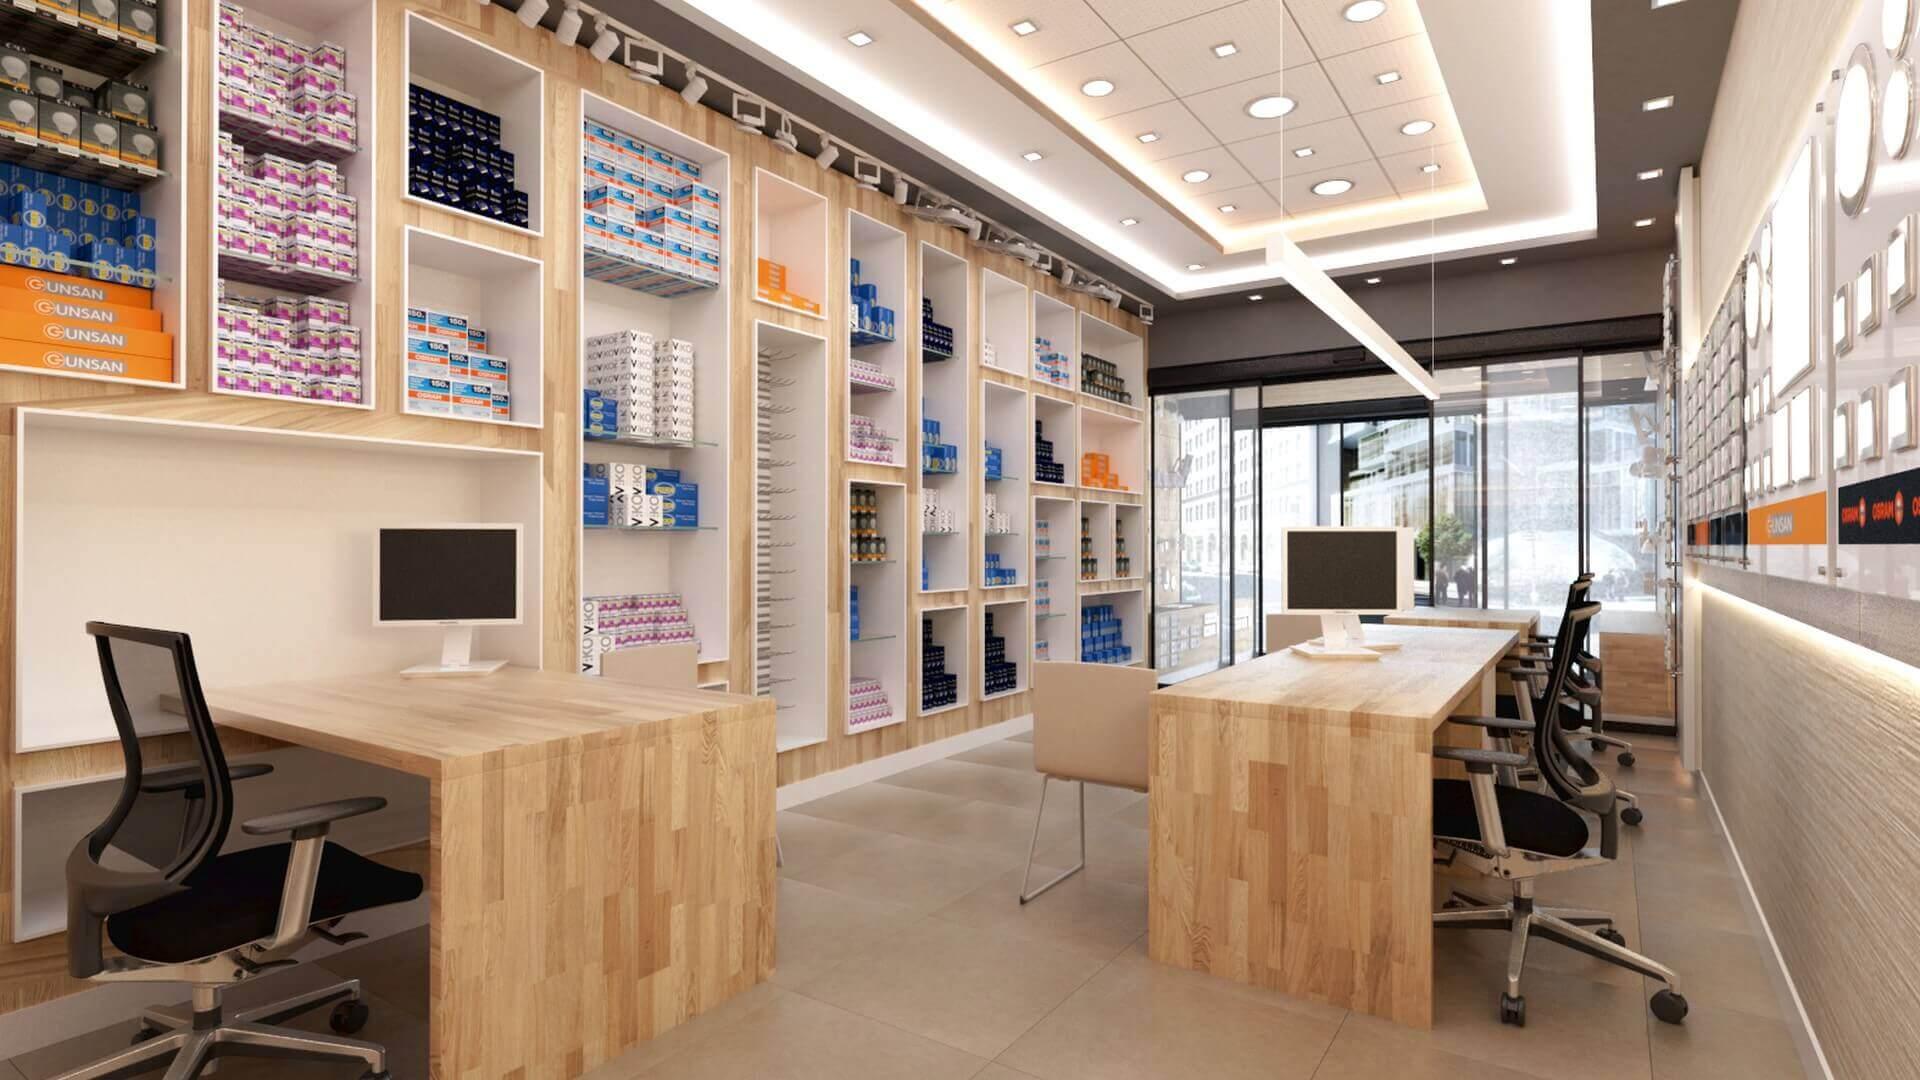 dükkan tasarımı 2037 Yetven Elektrik / Ulus Perakende